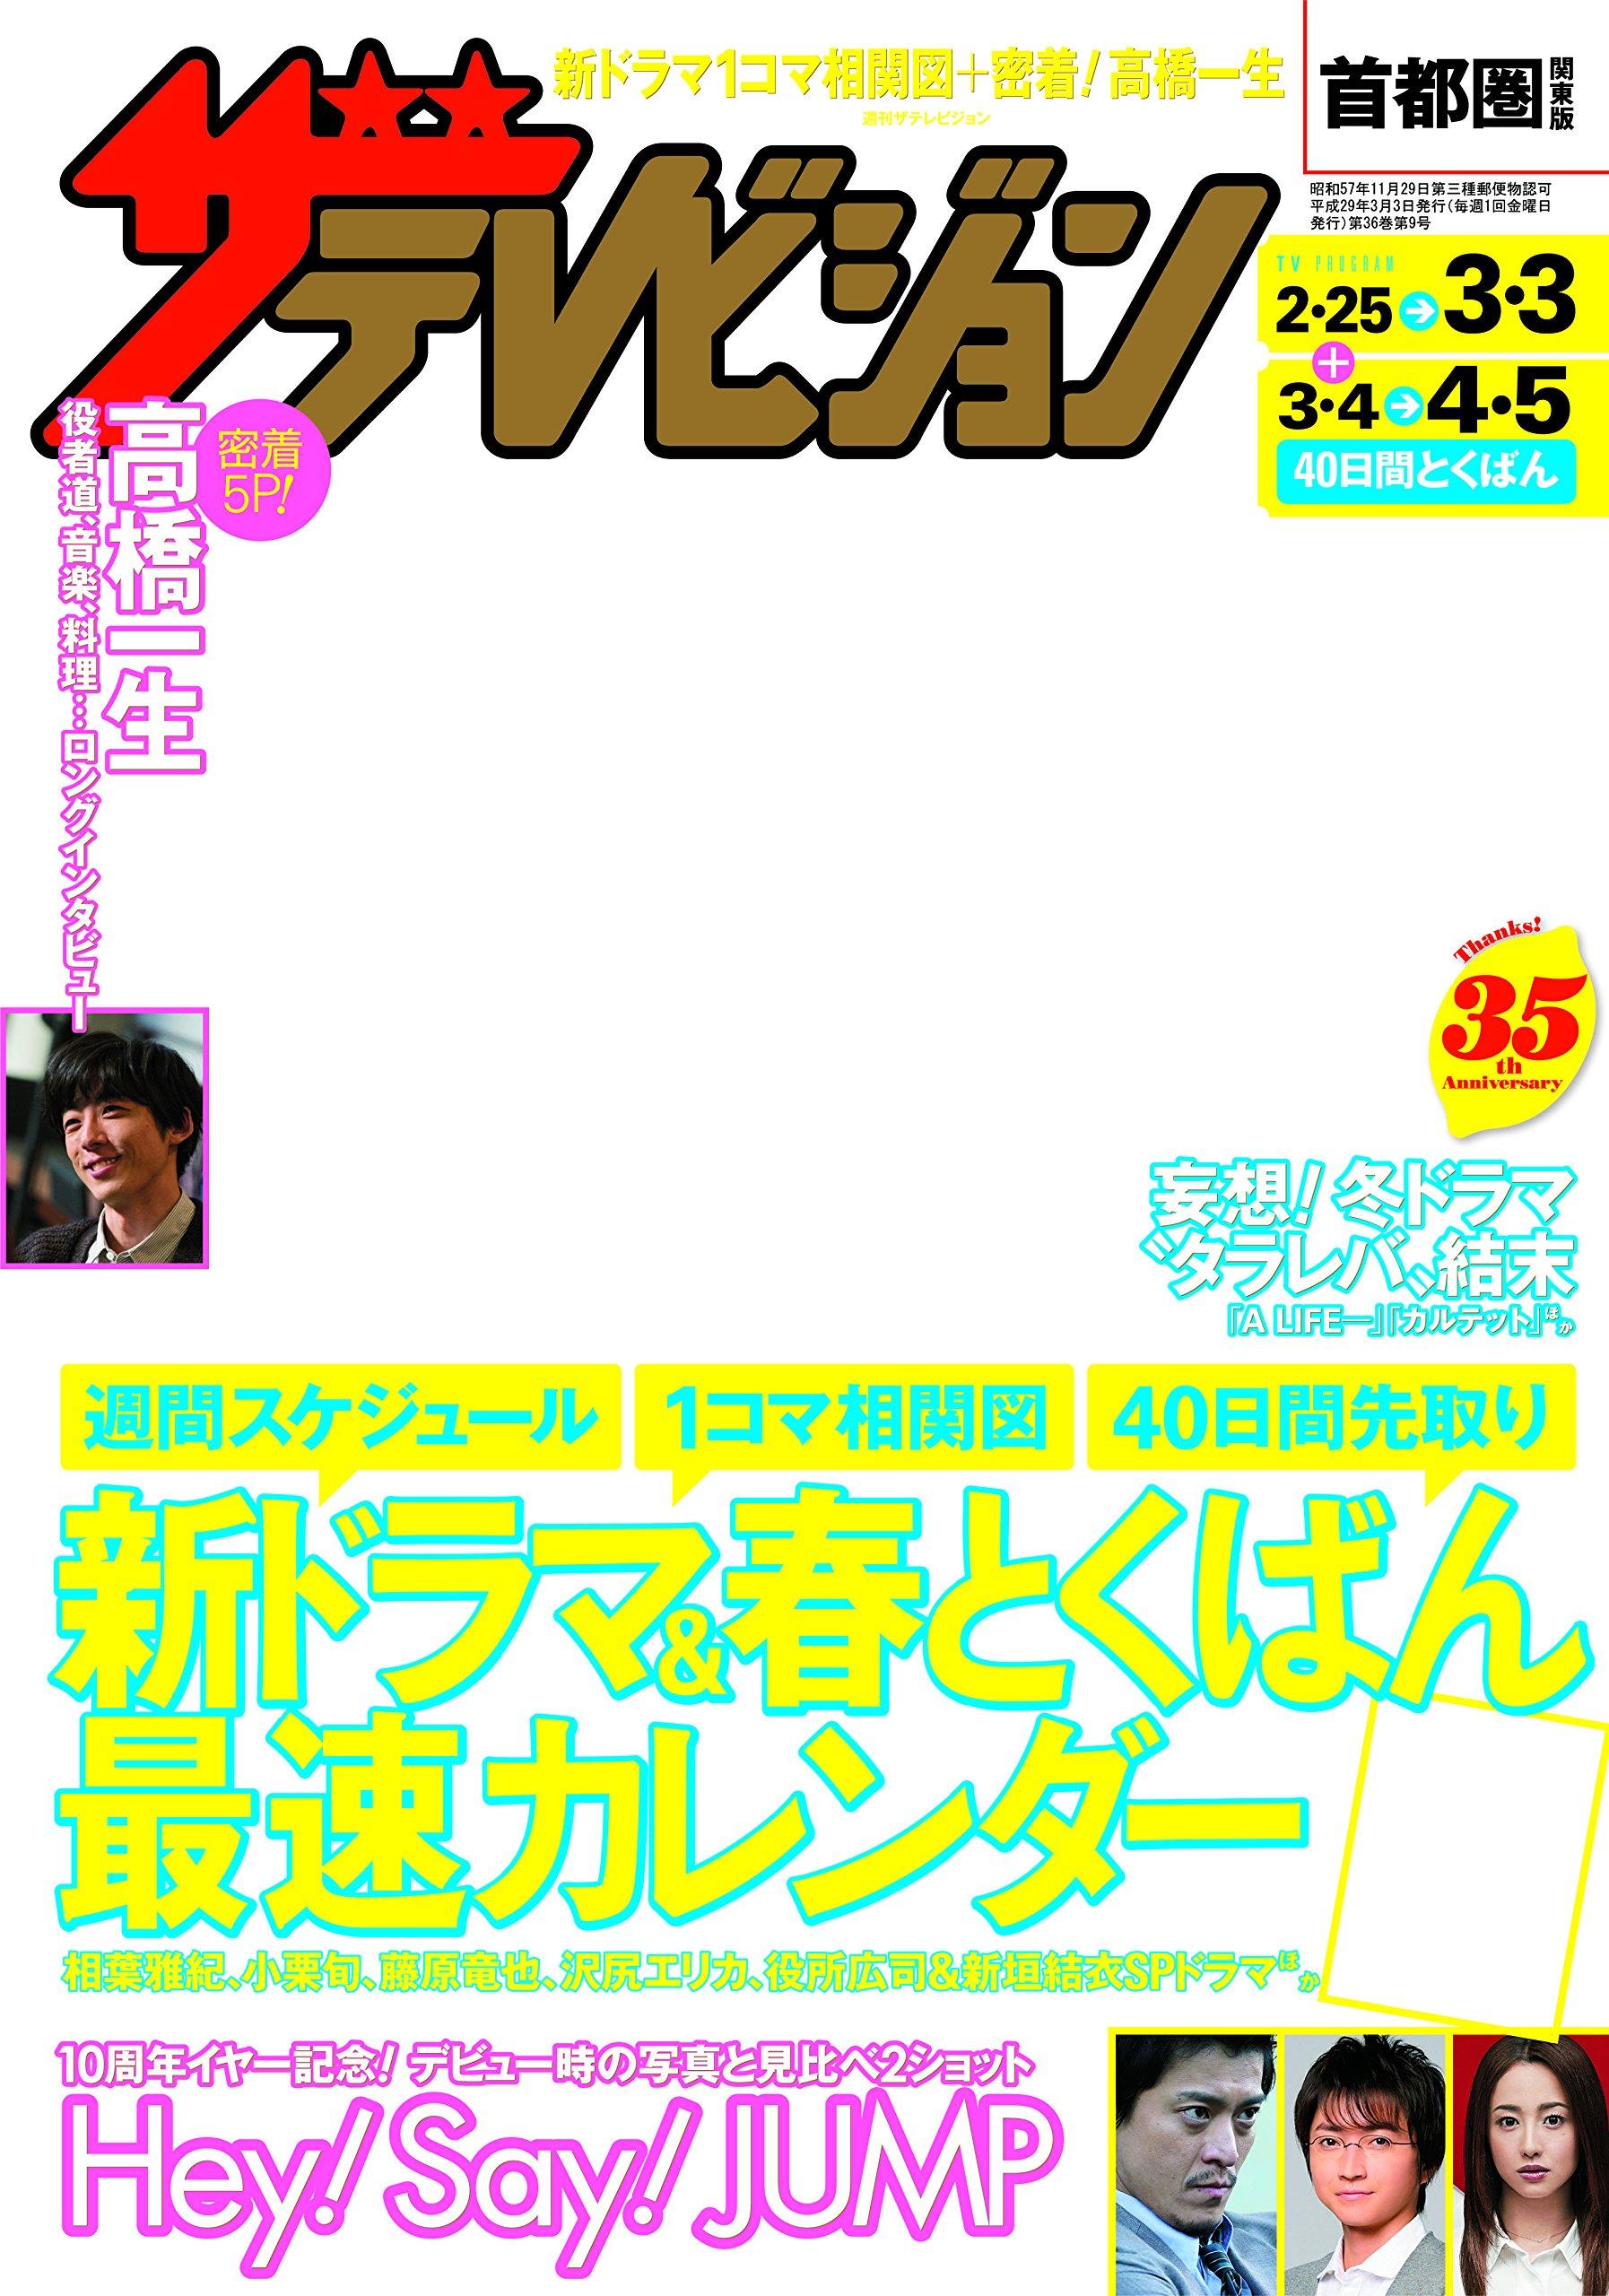 ザテレビジョン 首都圏関東版 29年3/3号